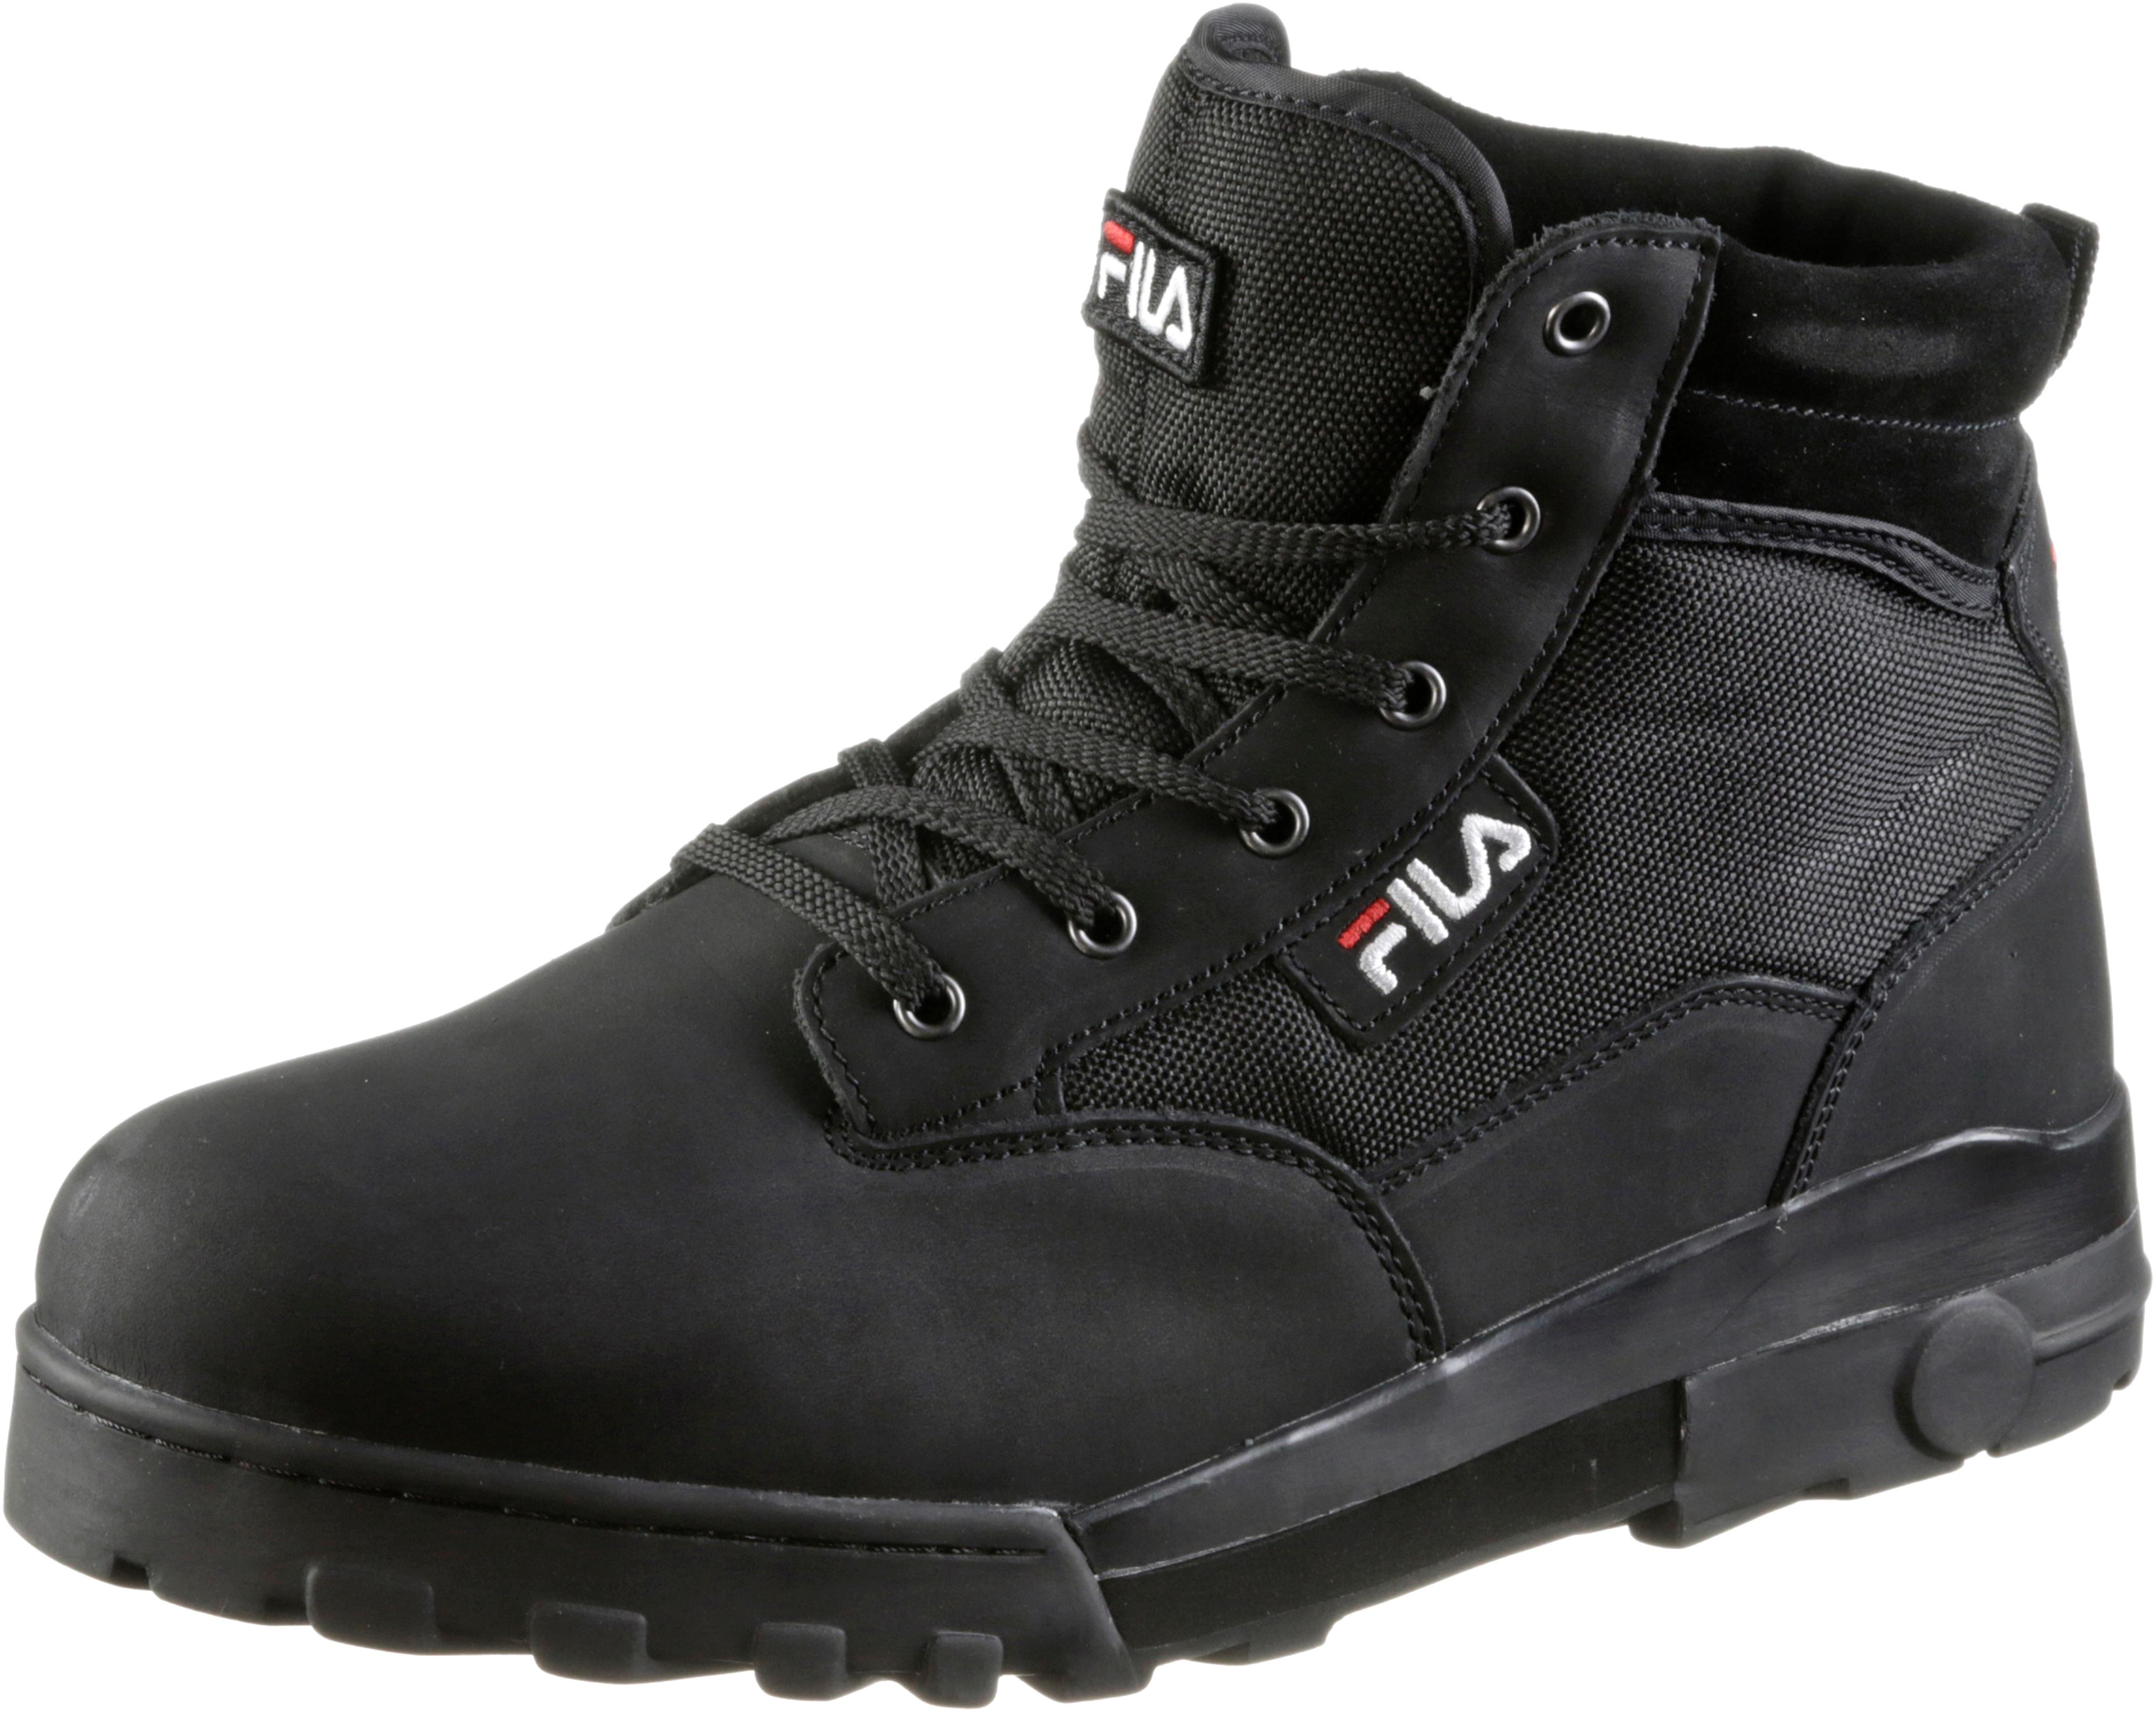 FILA Grunge Mid Boots Herren black im Online Shop von SportScheck kaufen